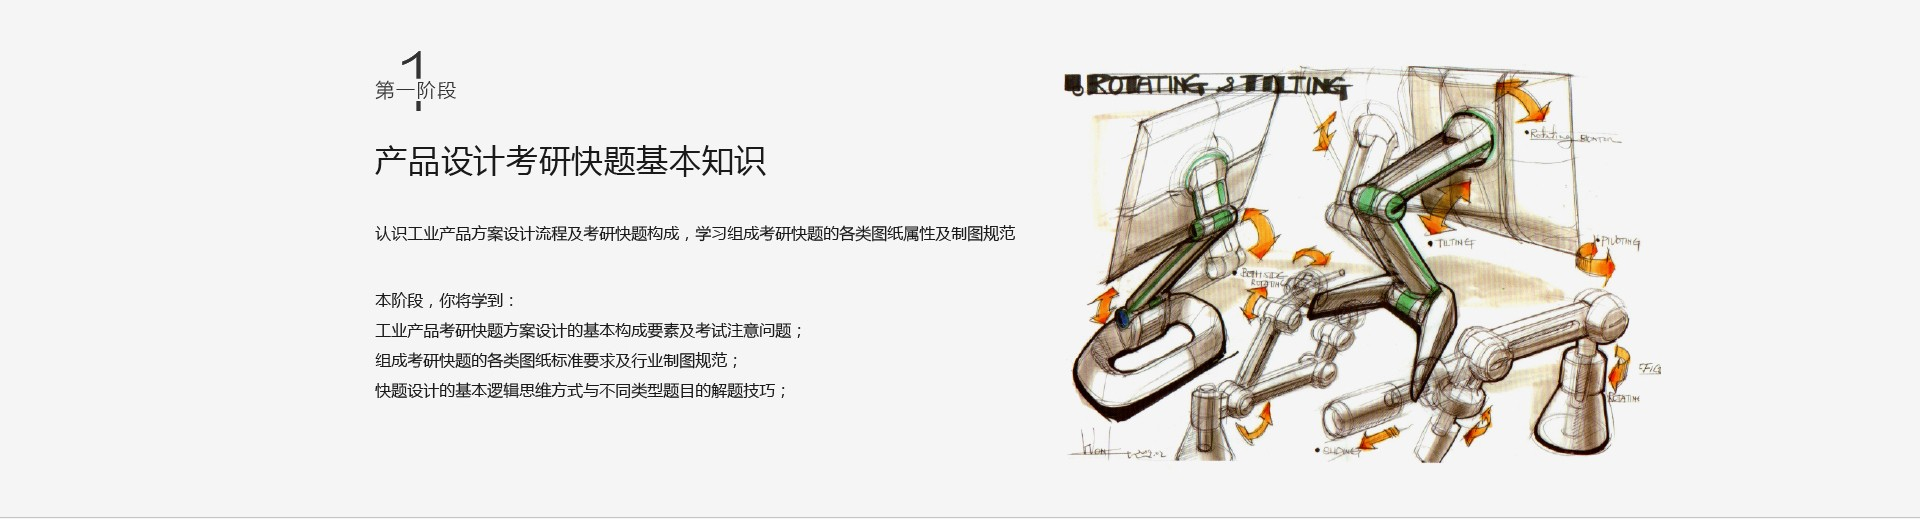 产品快题_05.jpg